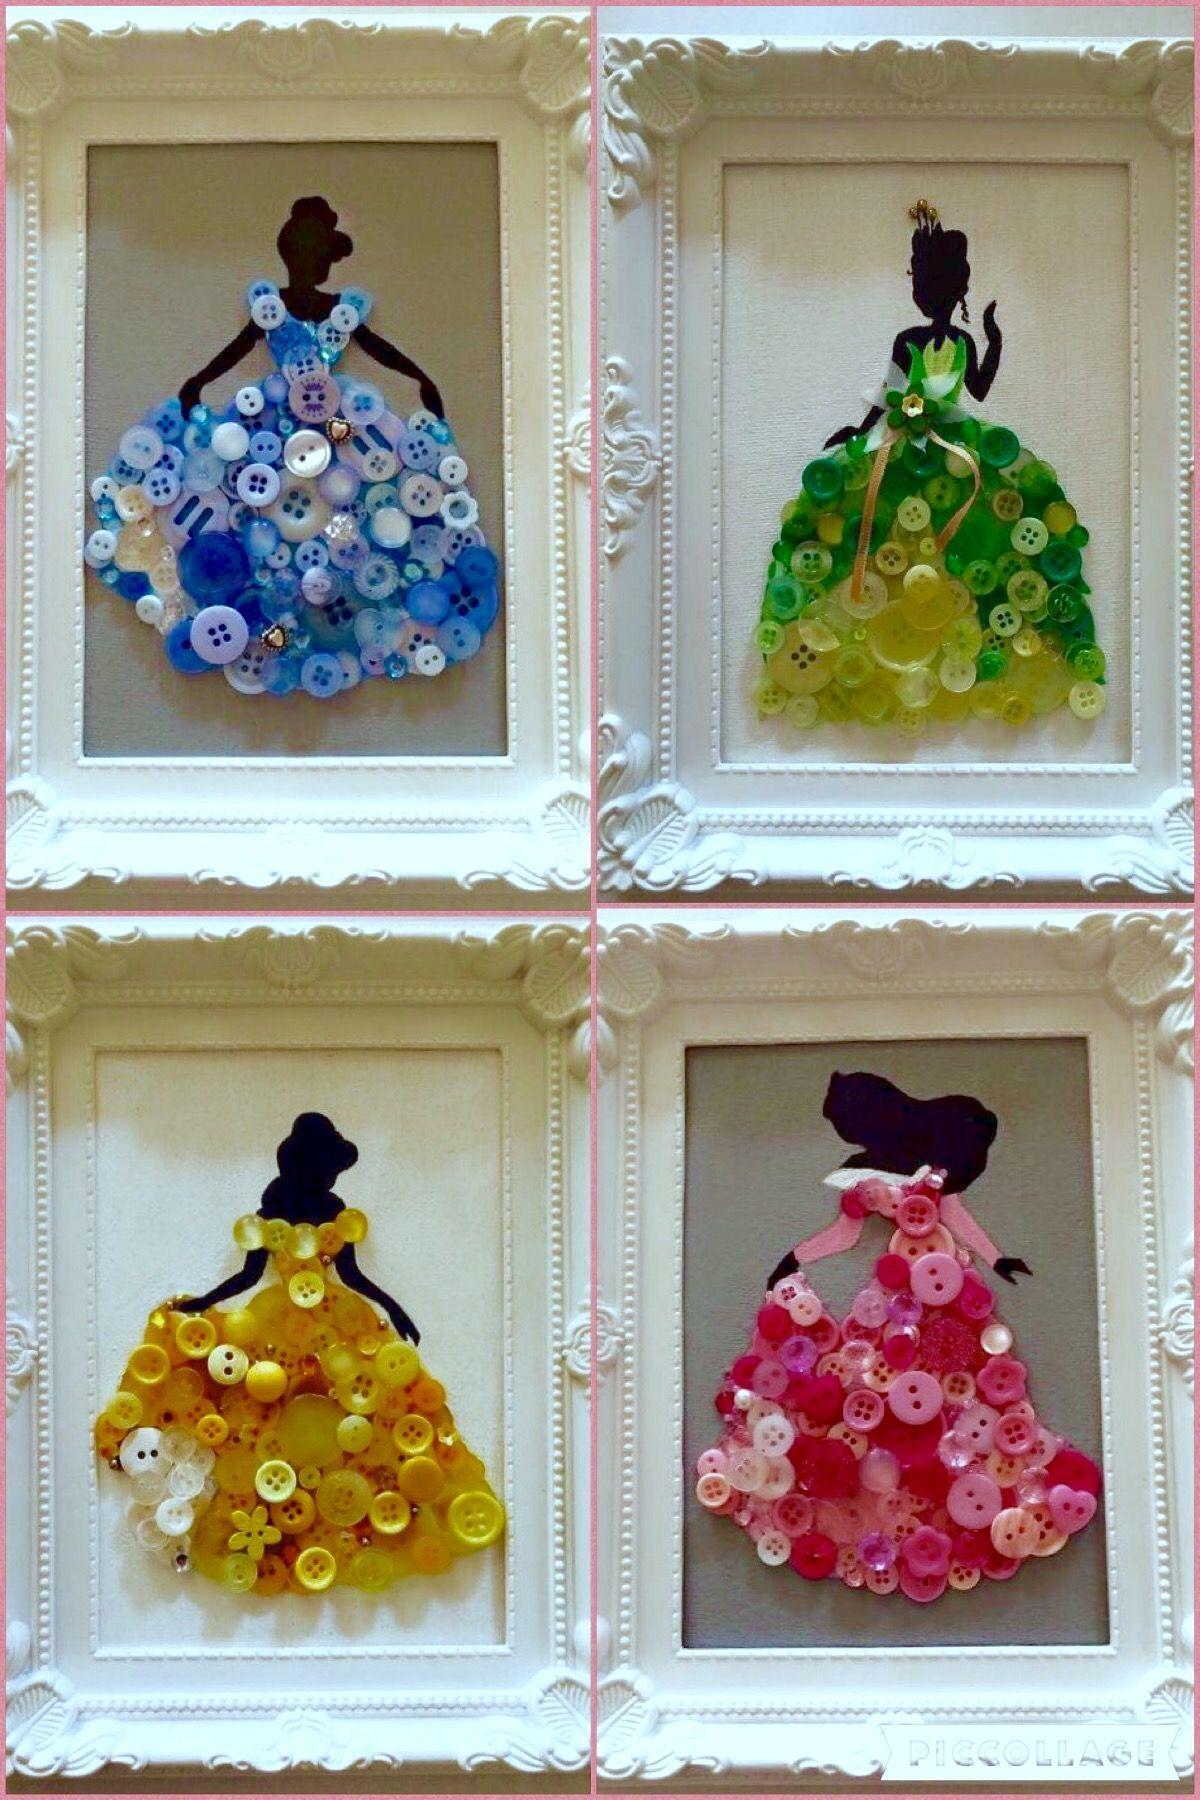 Prinzessin Schlafzimmer Ideen #disneycrafts Prinzessin Schlafzimmer Ideen